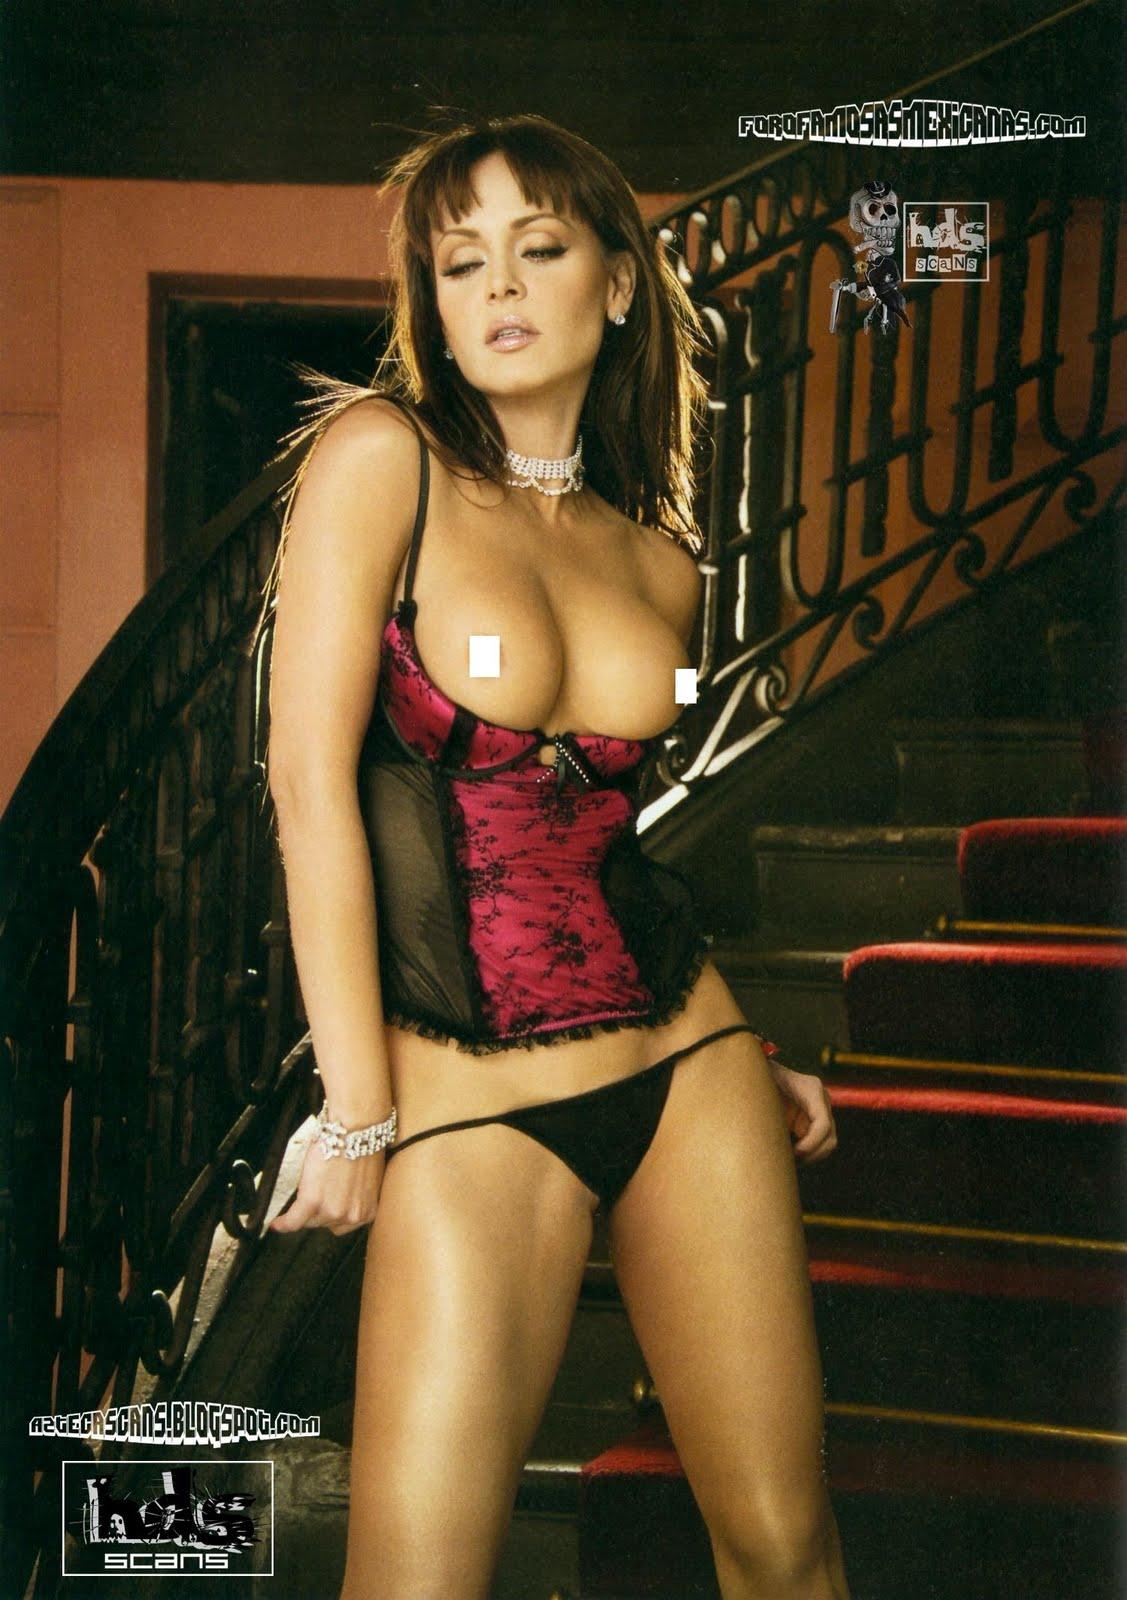 Gabriela gonzalez mexicana caliente de skype 6